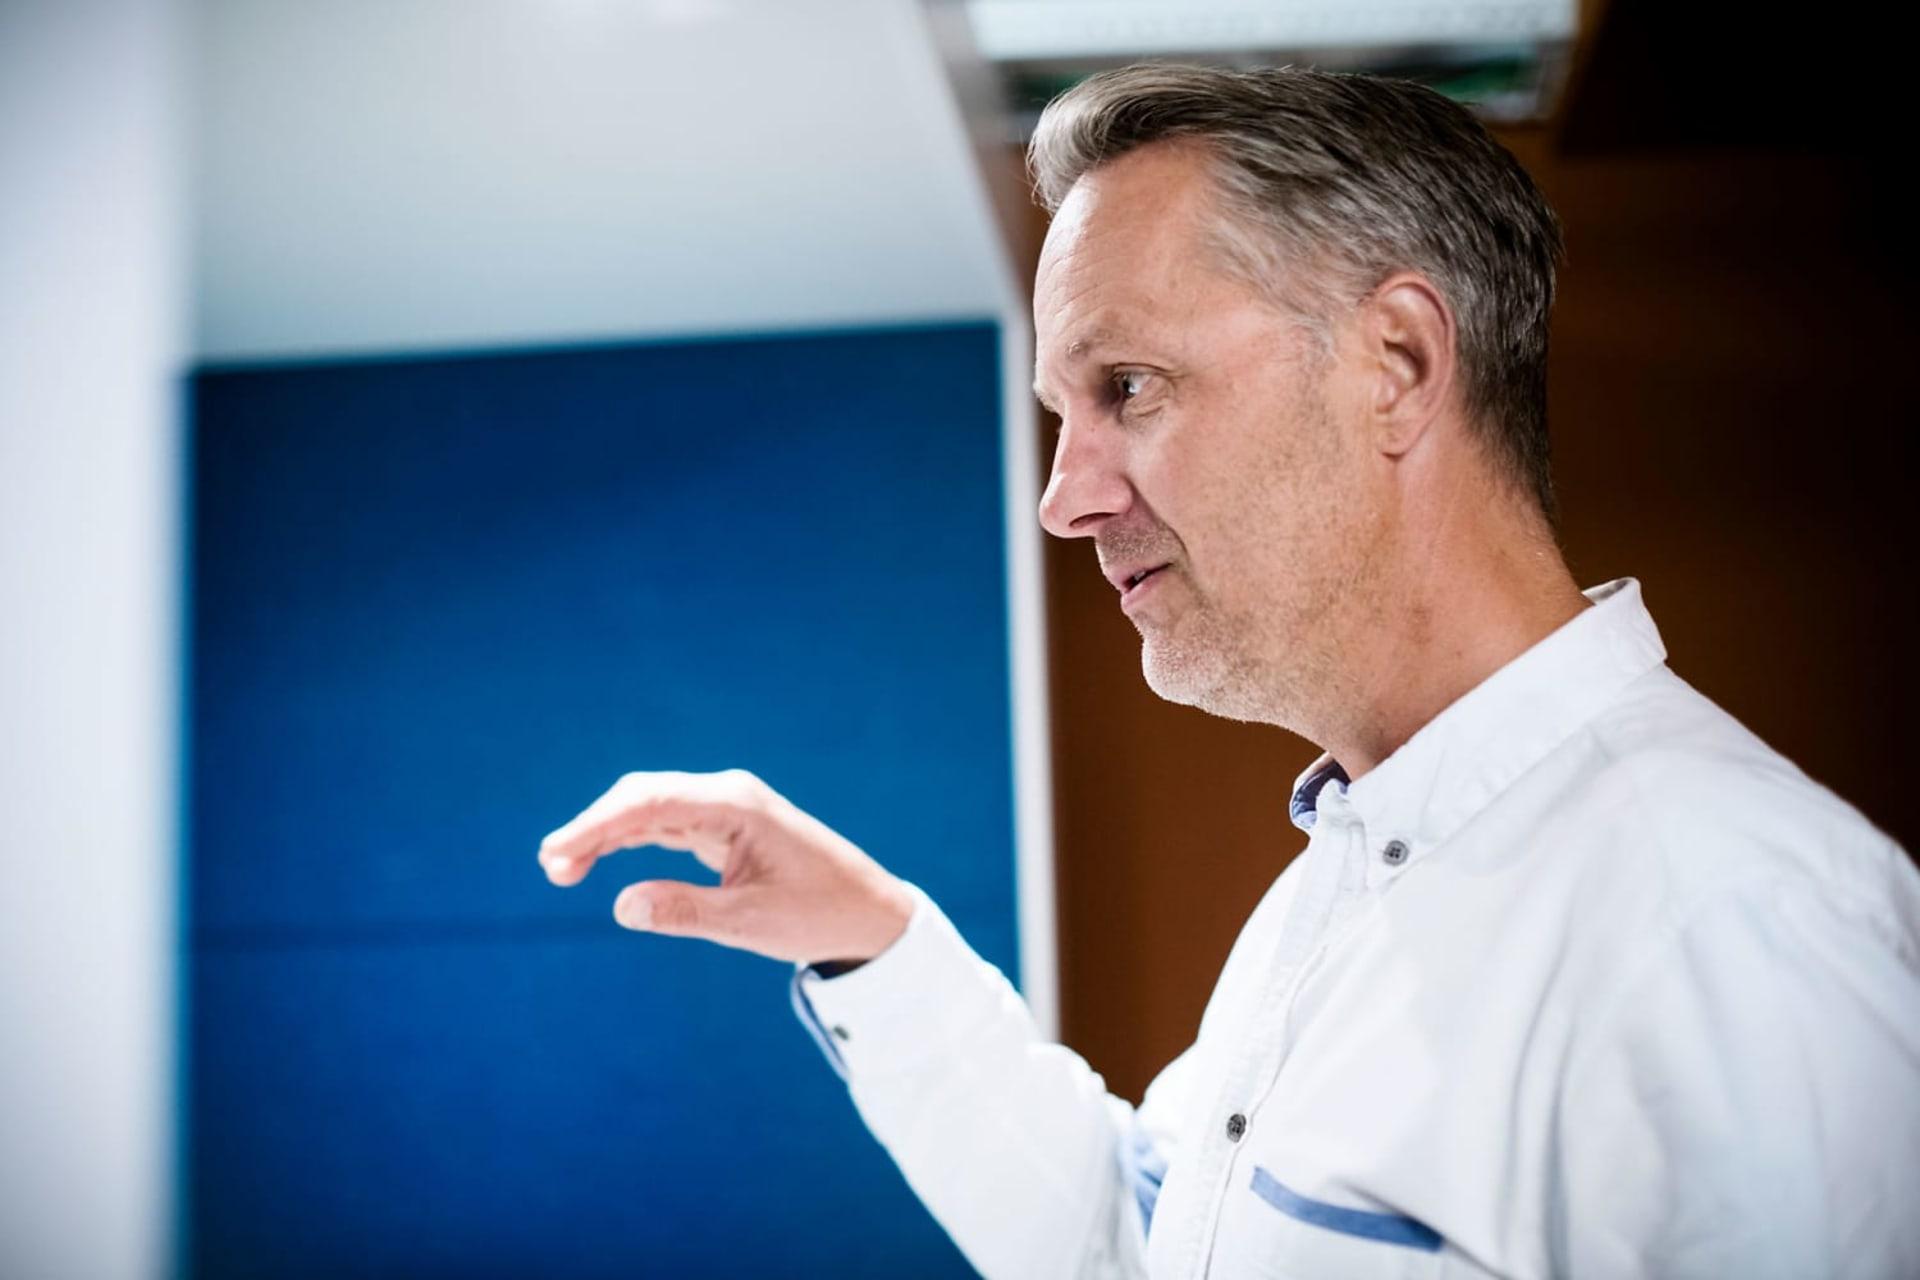 """""""HOPPET AV"""": Anders H. Lier jobbet i mange år i internasjonale selskaper og reiste mye rundt. Til slutt bestemte han seg for å bruke all sin tid på å gjøre noe godt for verden. Derfor jobber han nå med impact investing på heltid."""